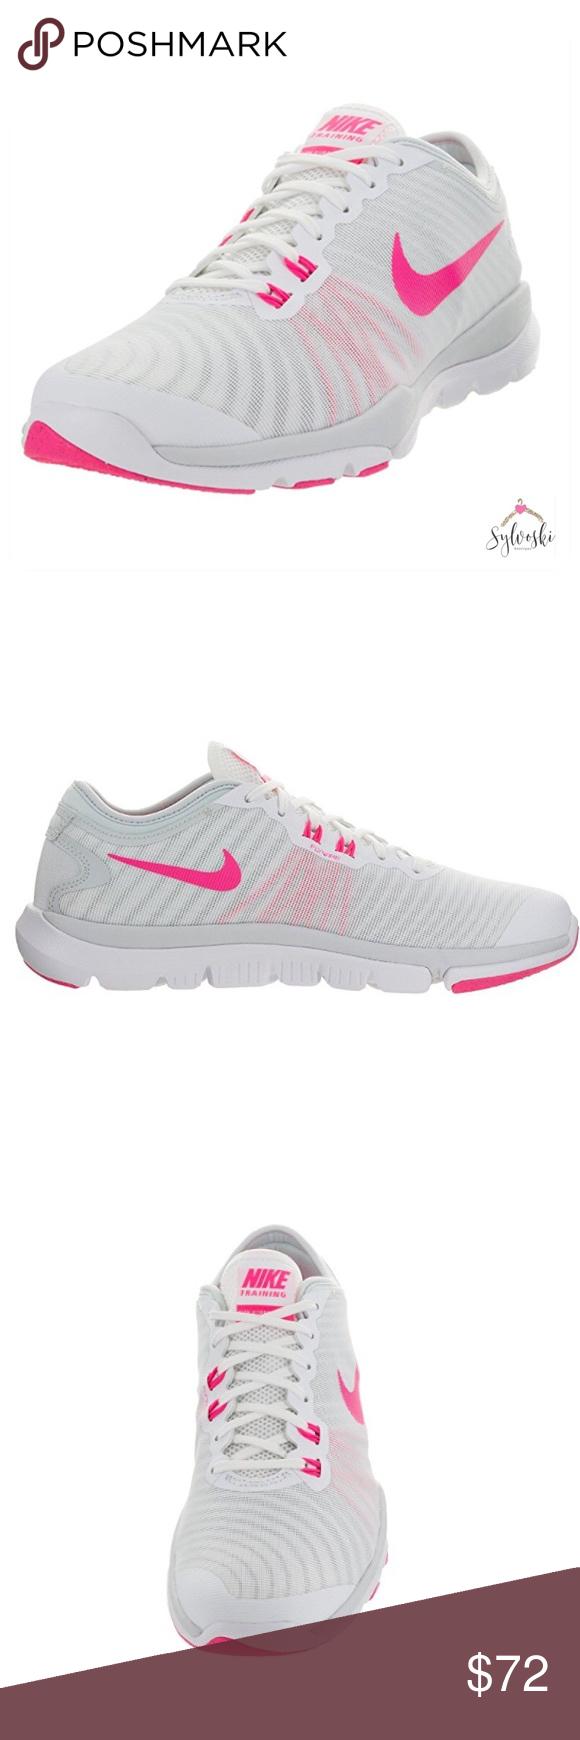 �Nike Flex Supreme TR 4 Womens Training Shoes Boutique Pinterest